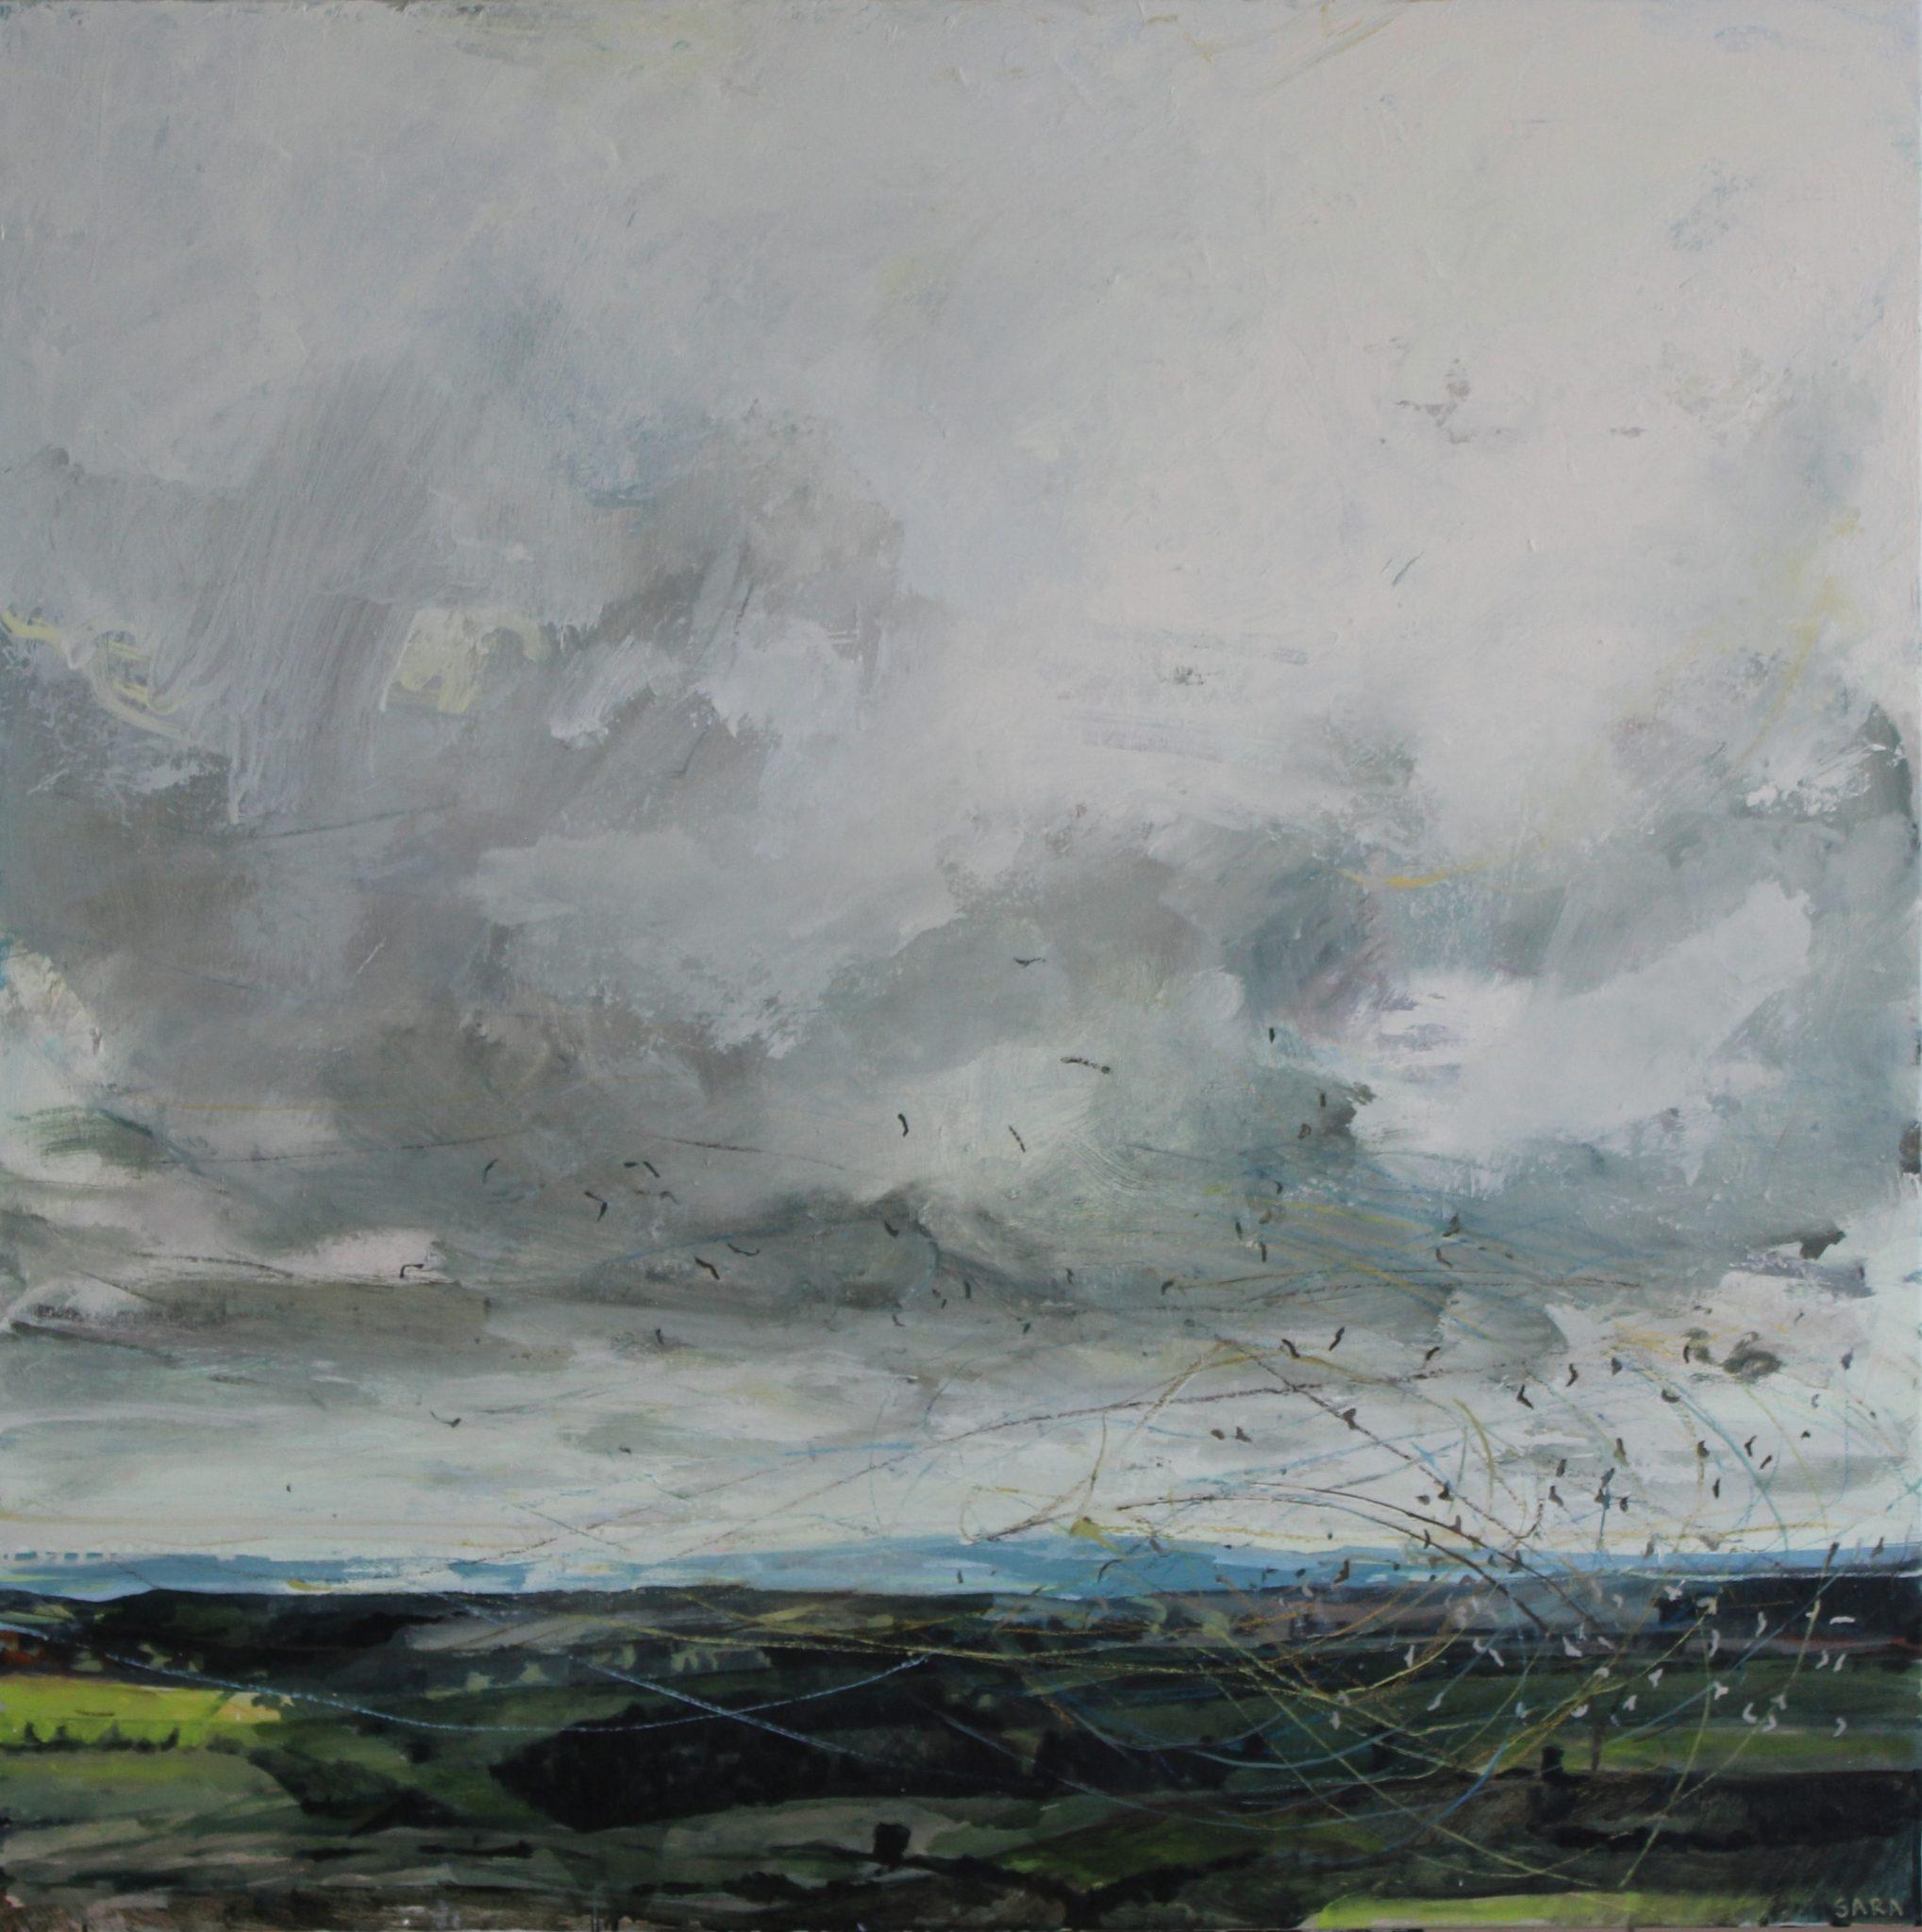 2018  95 x 95cms, oil on canvas